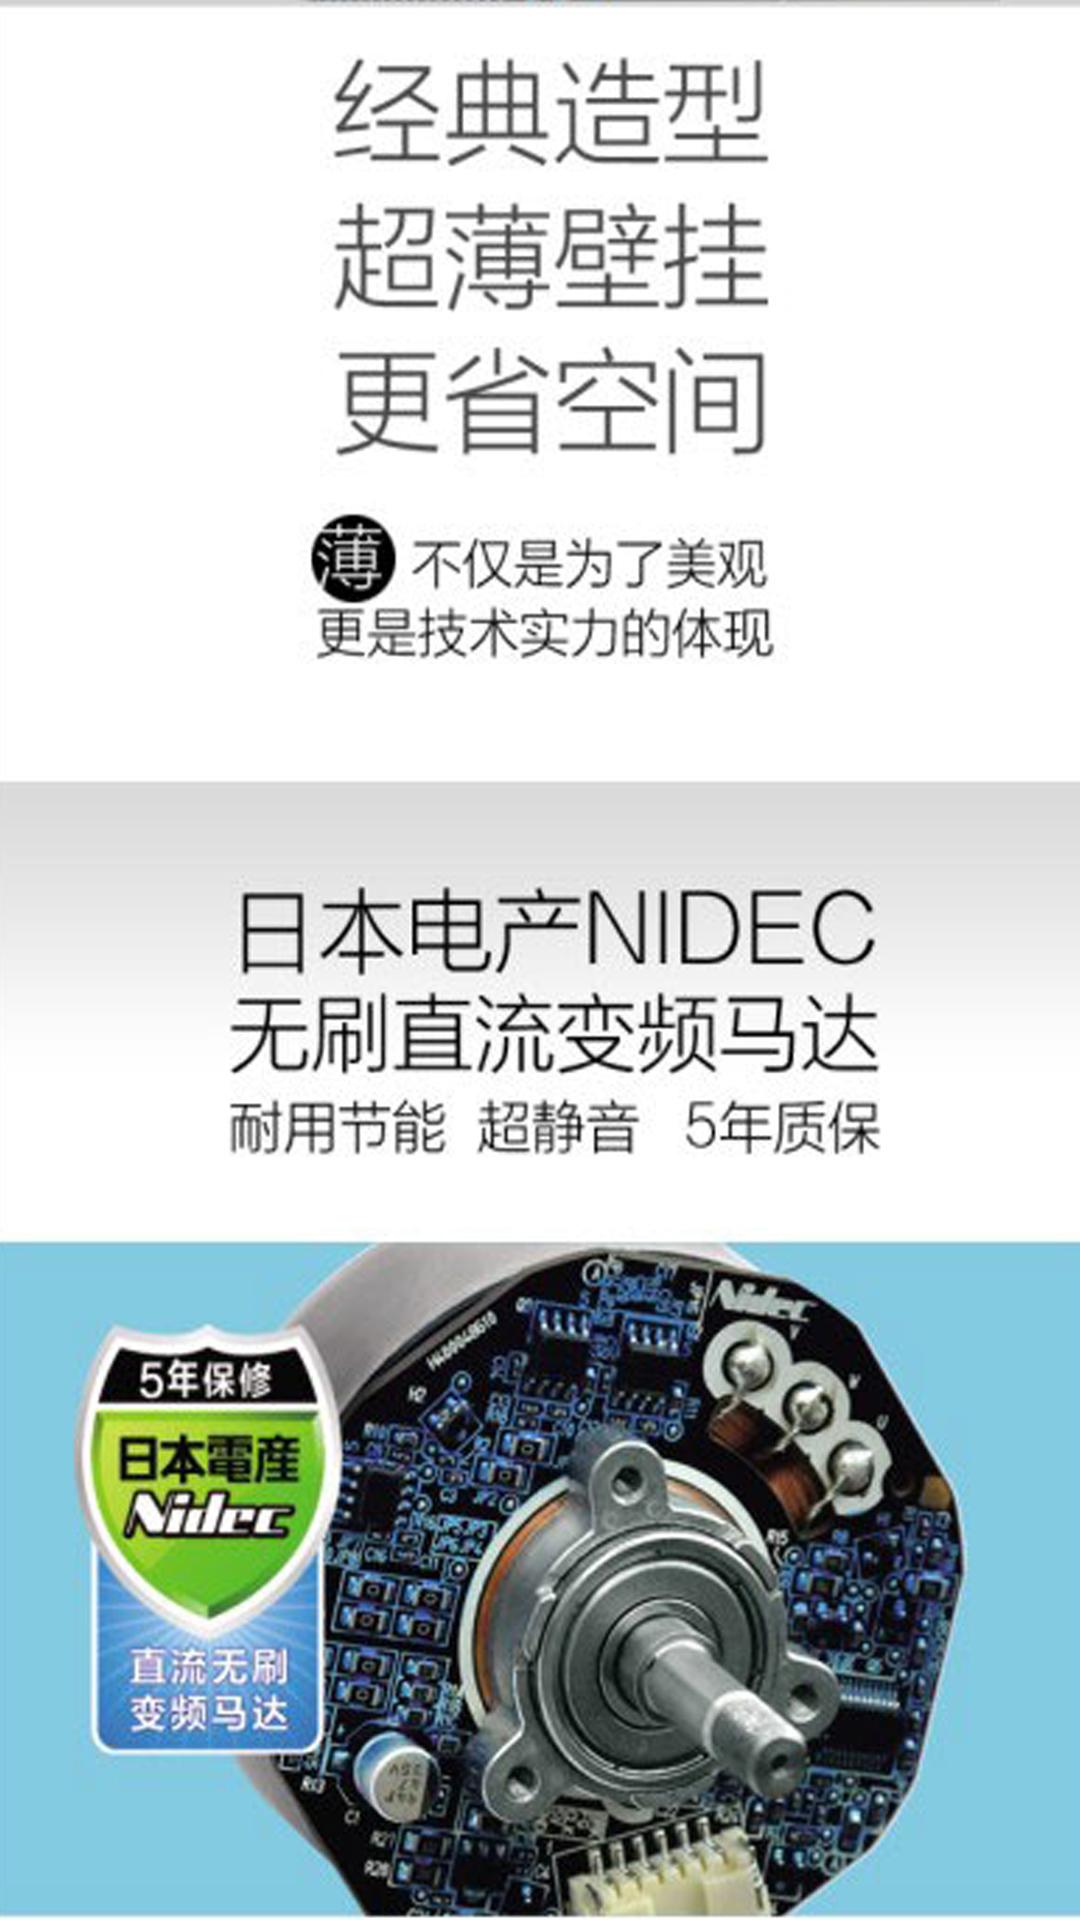 3级产品-诺克斯新风1080×1920-4副本.jpg